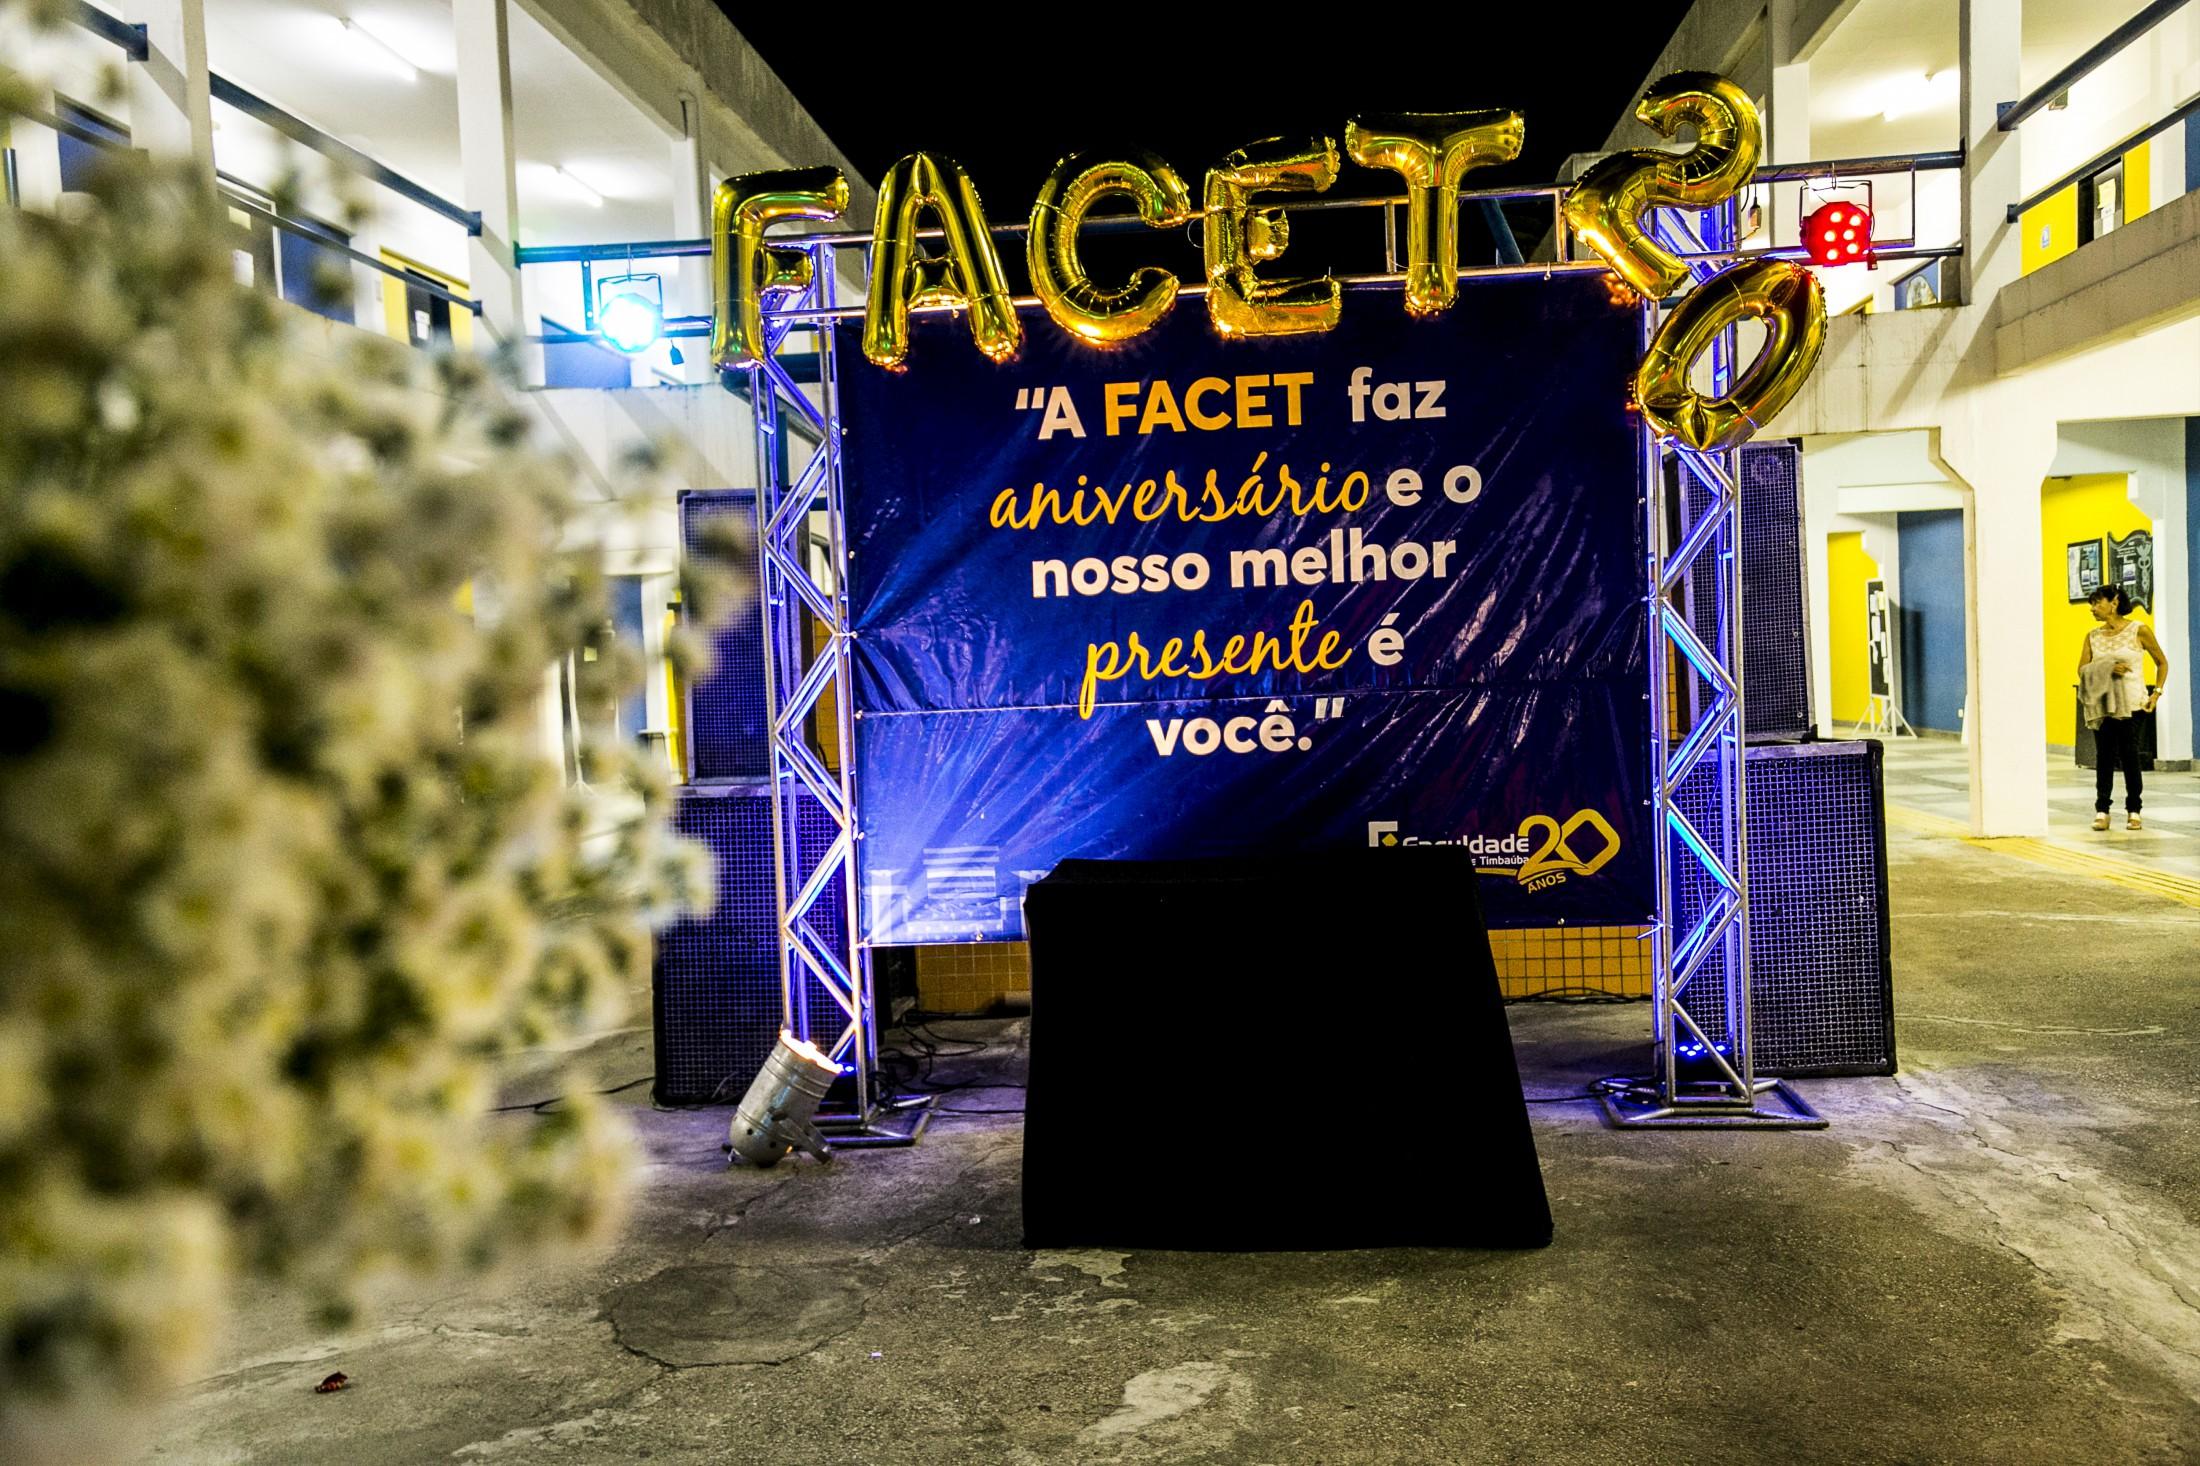 Festa de comemoração dos 20 anos da Faculdade